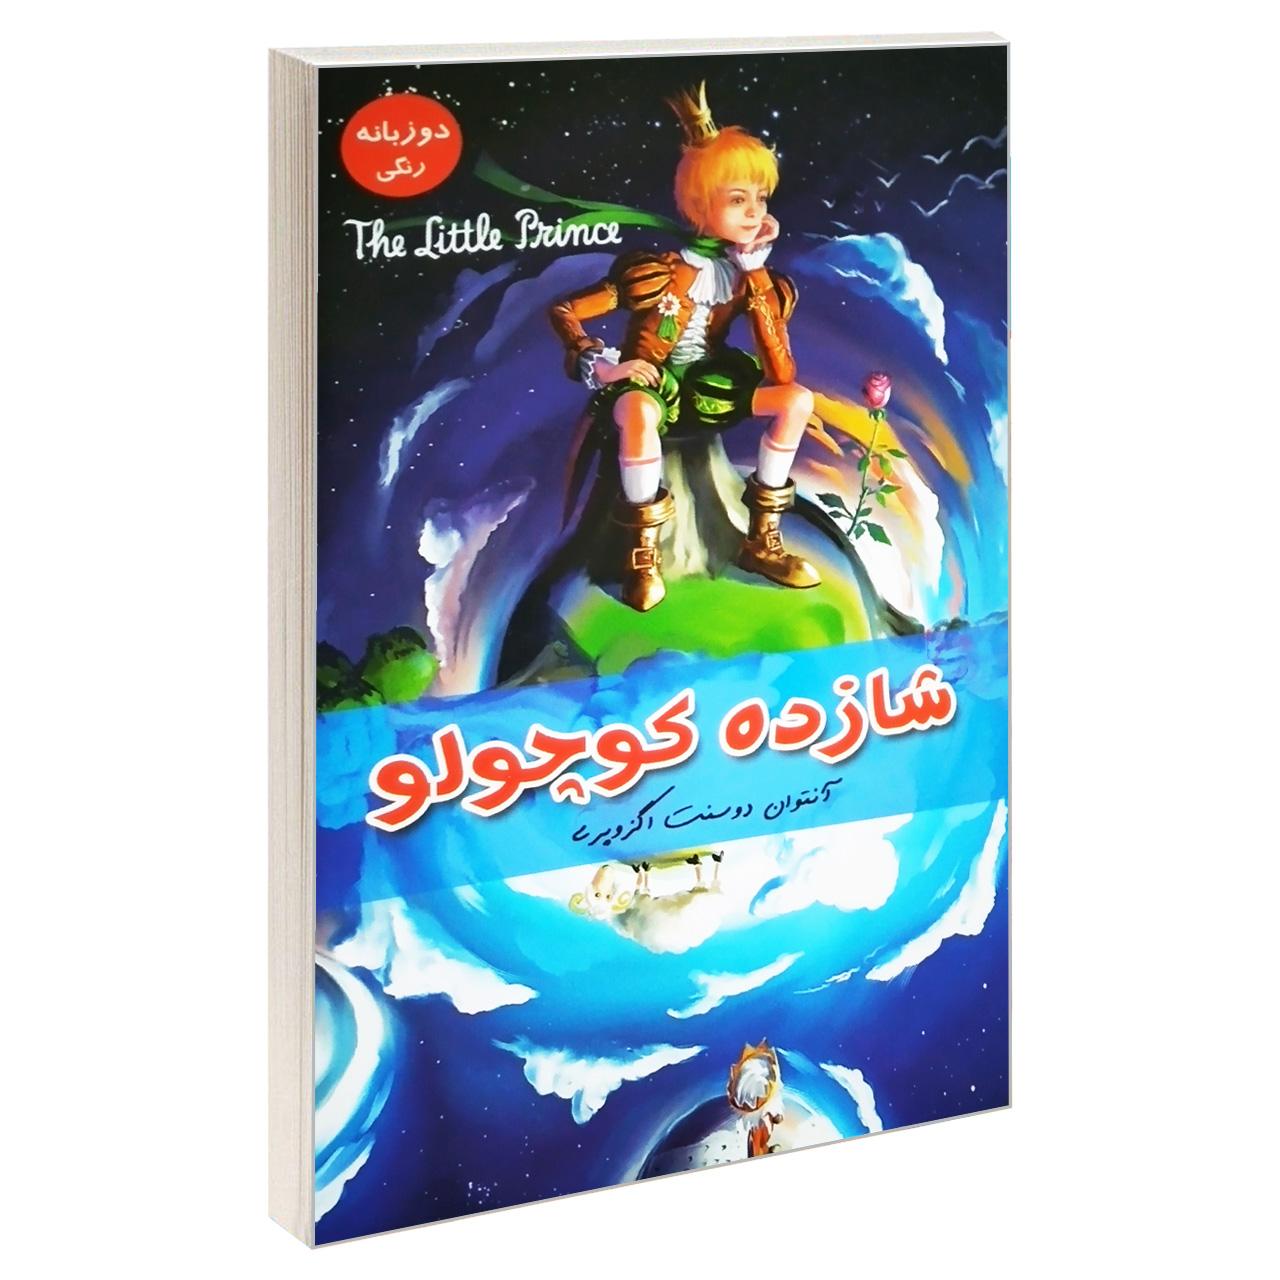 خرید                      کتاب شازده کوچولو اثر آنتوان دوسنت اگزوپری انتشارات داریوش